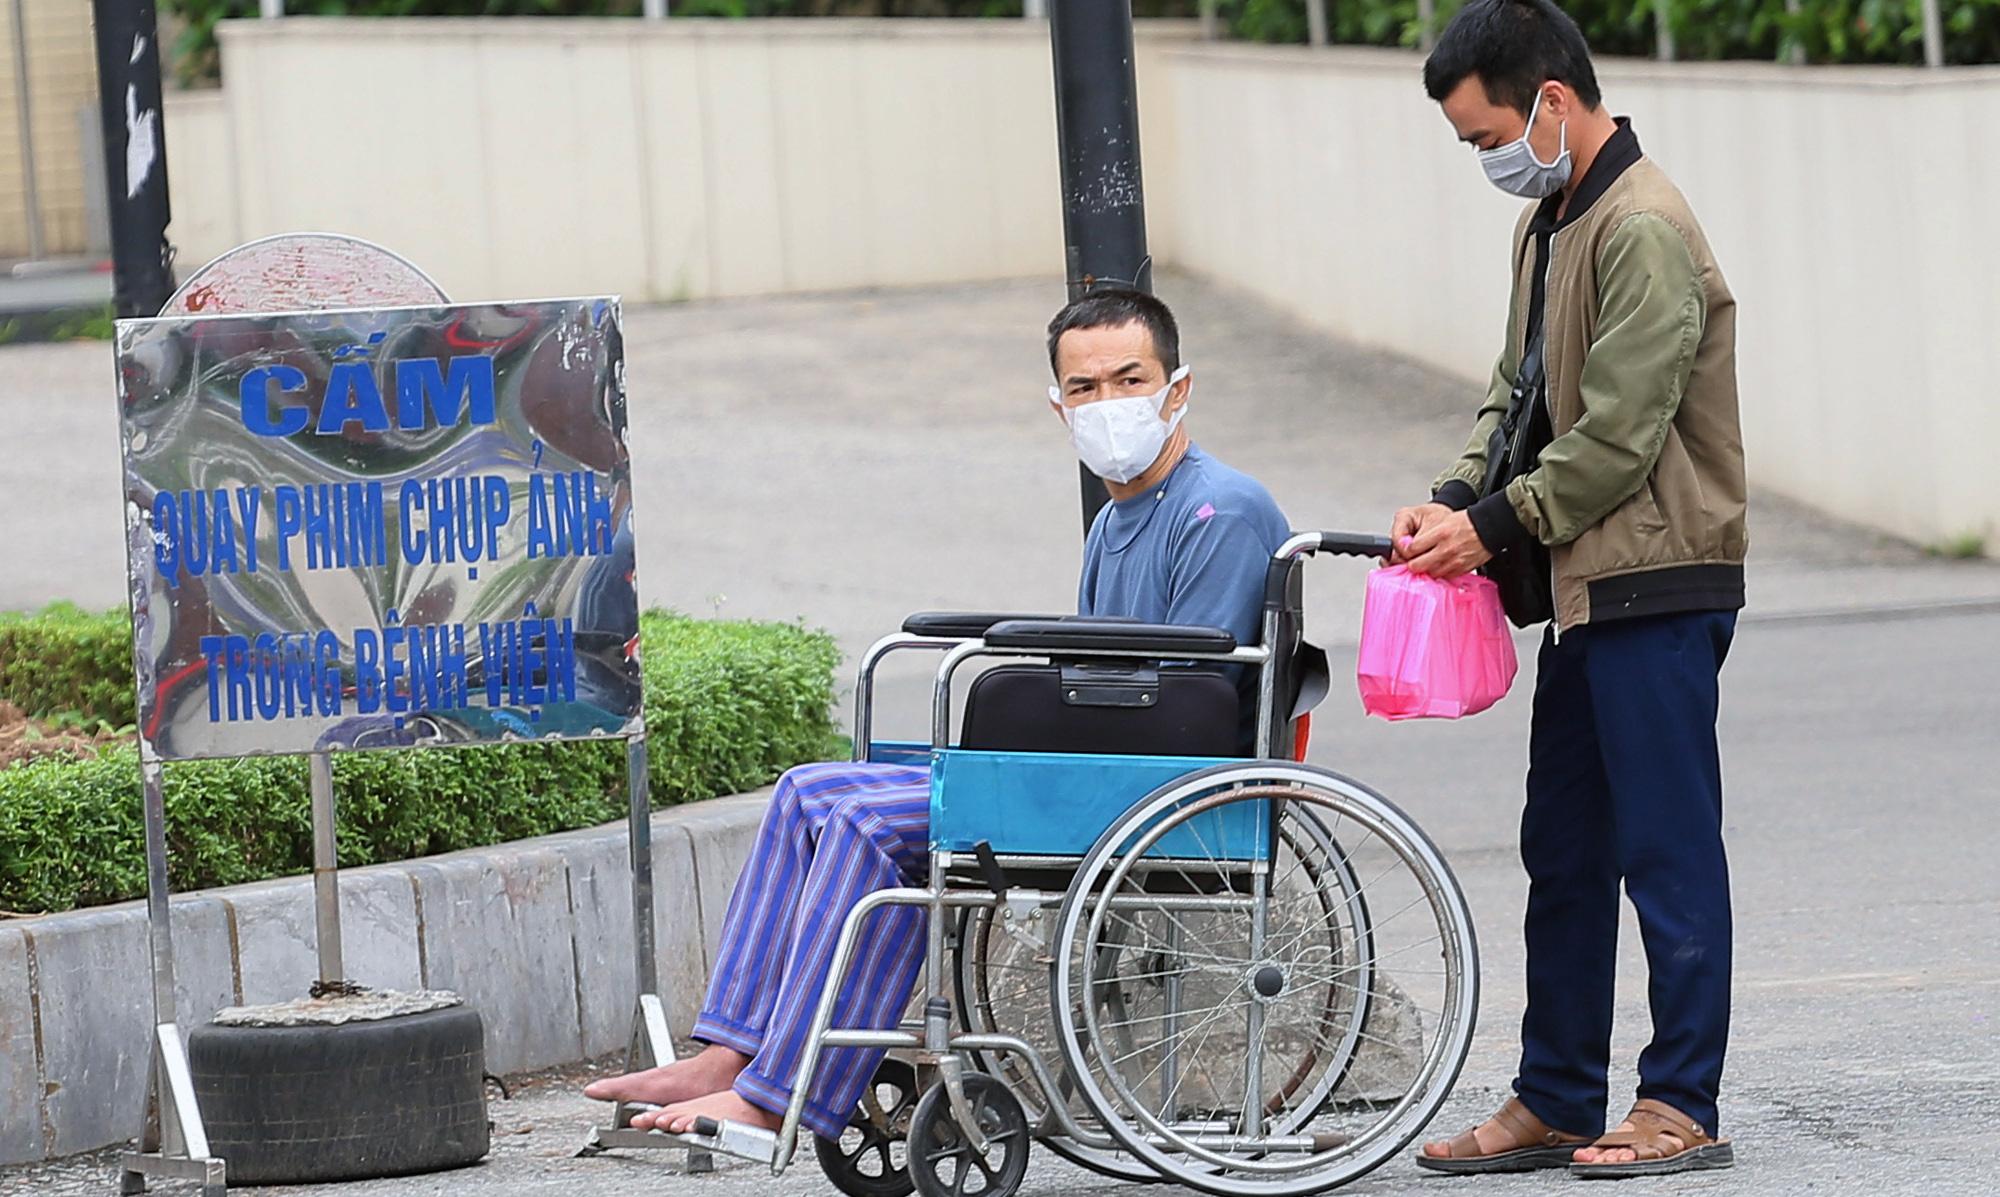 Kiểm soát người ra vào bệnh viện Bạch Mai sau khi phát hiện nhiều ca nhiễm Covid-19 - Ảnh 13.